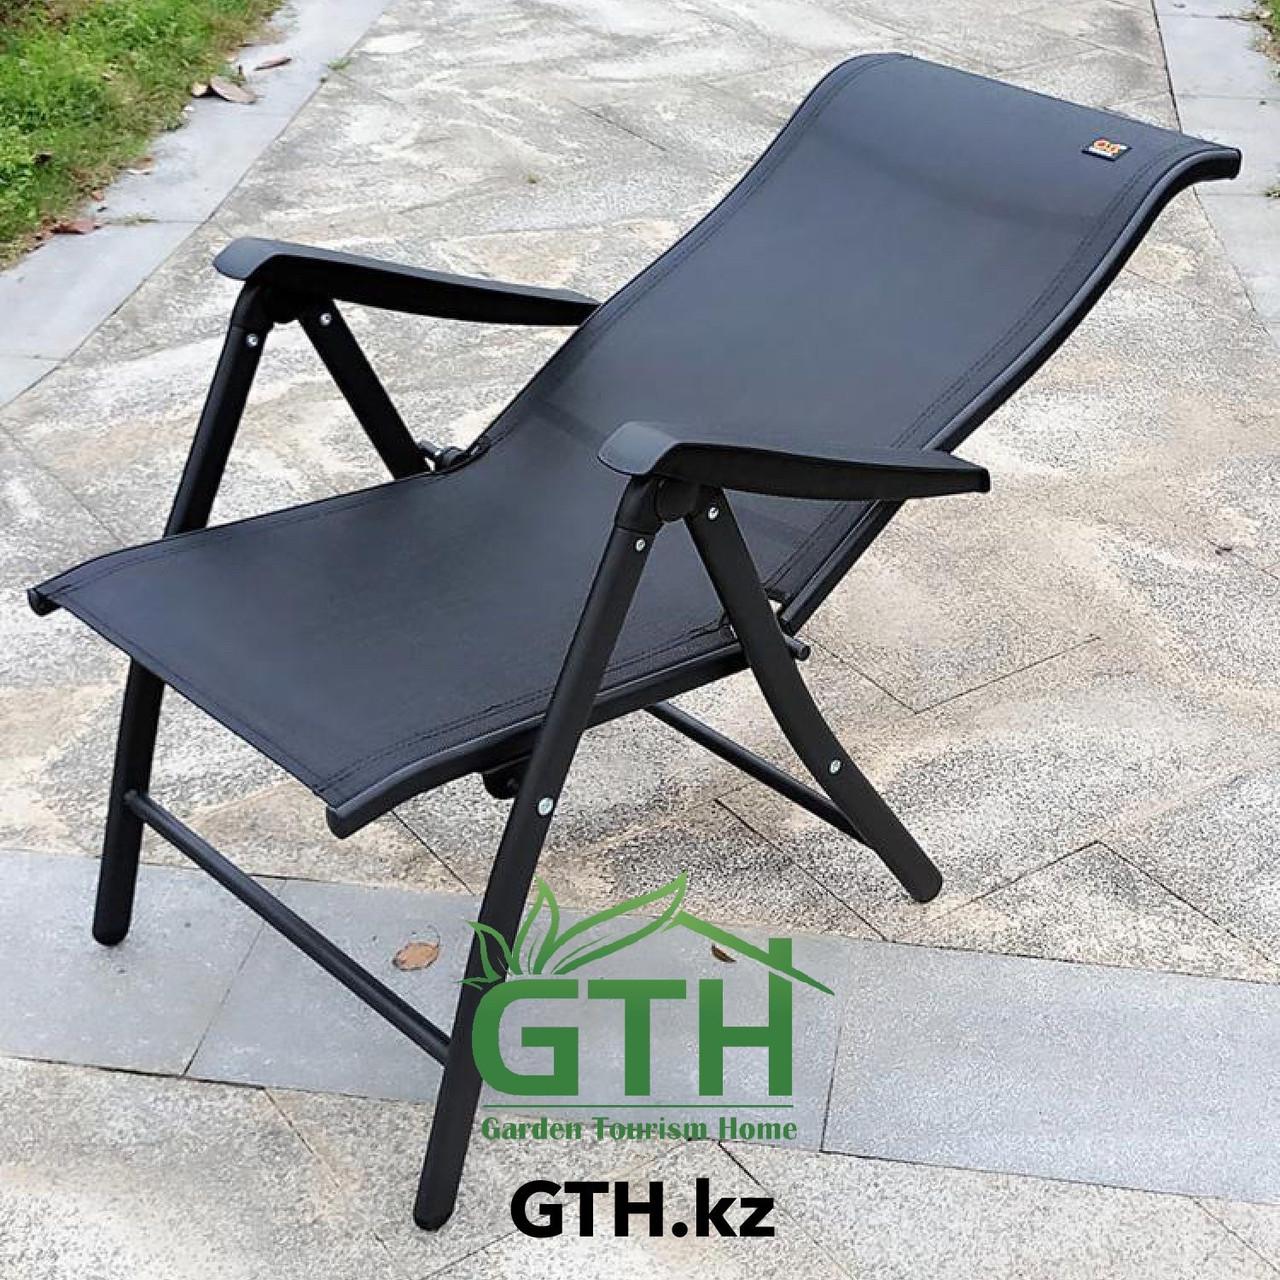 Складное кресло с регулировкой спины Zhejang Zhendong. Нагрузка 150 кг. Доставка. - фото 2